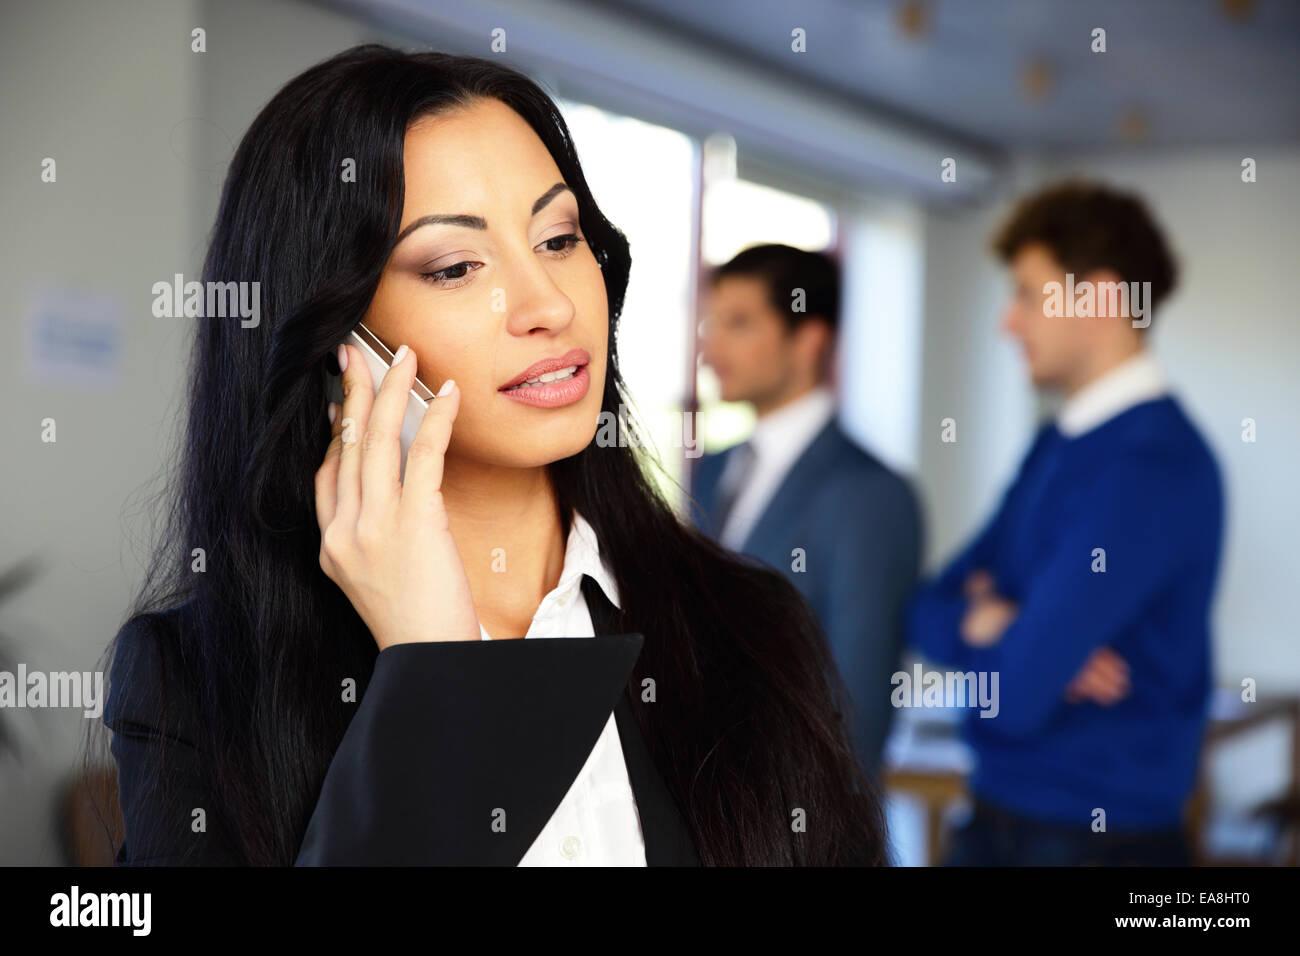 Grave imprenditrice parlando al telefono con i colleghi su sfondo Immagini Stock